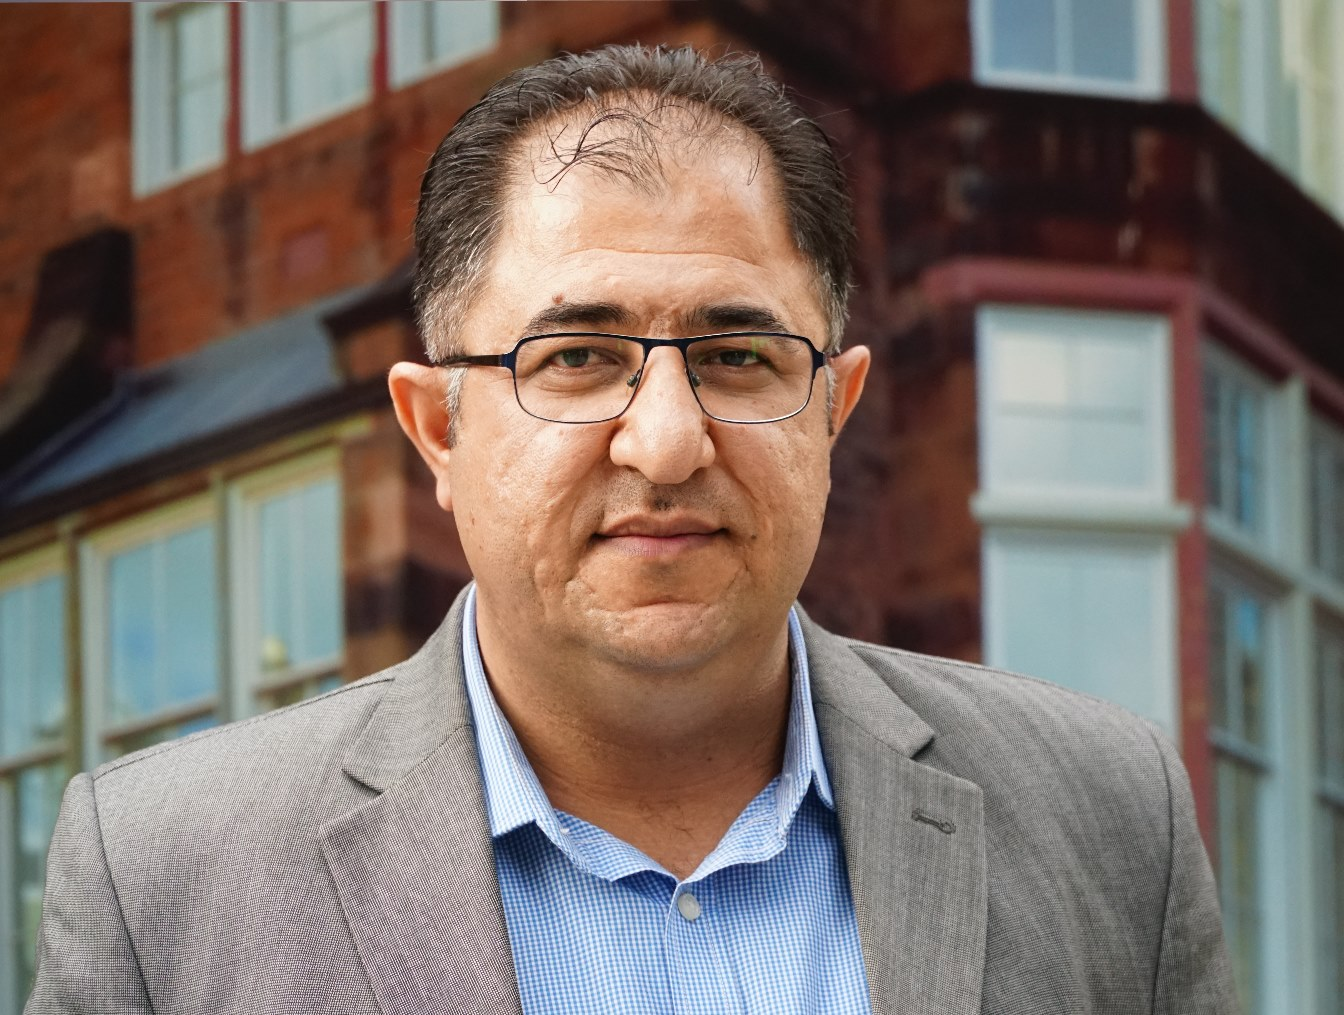 هيثم حسين : خبرة الكاتب لا يمكن أن تظلّ حكراً عليه